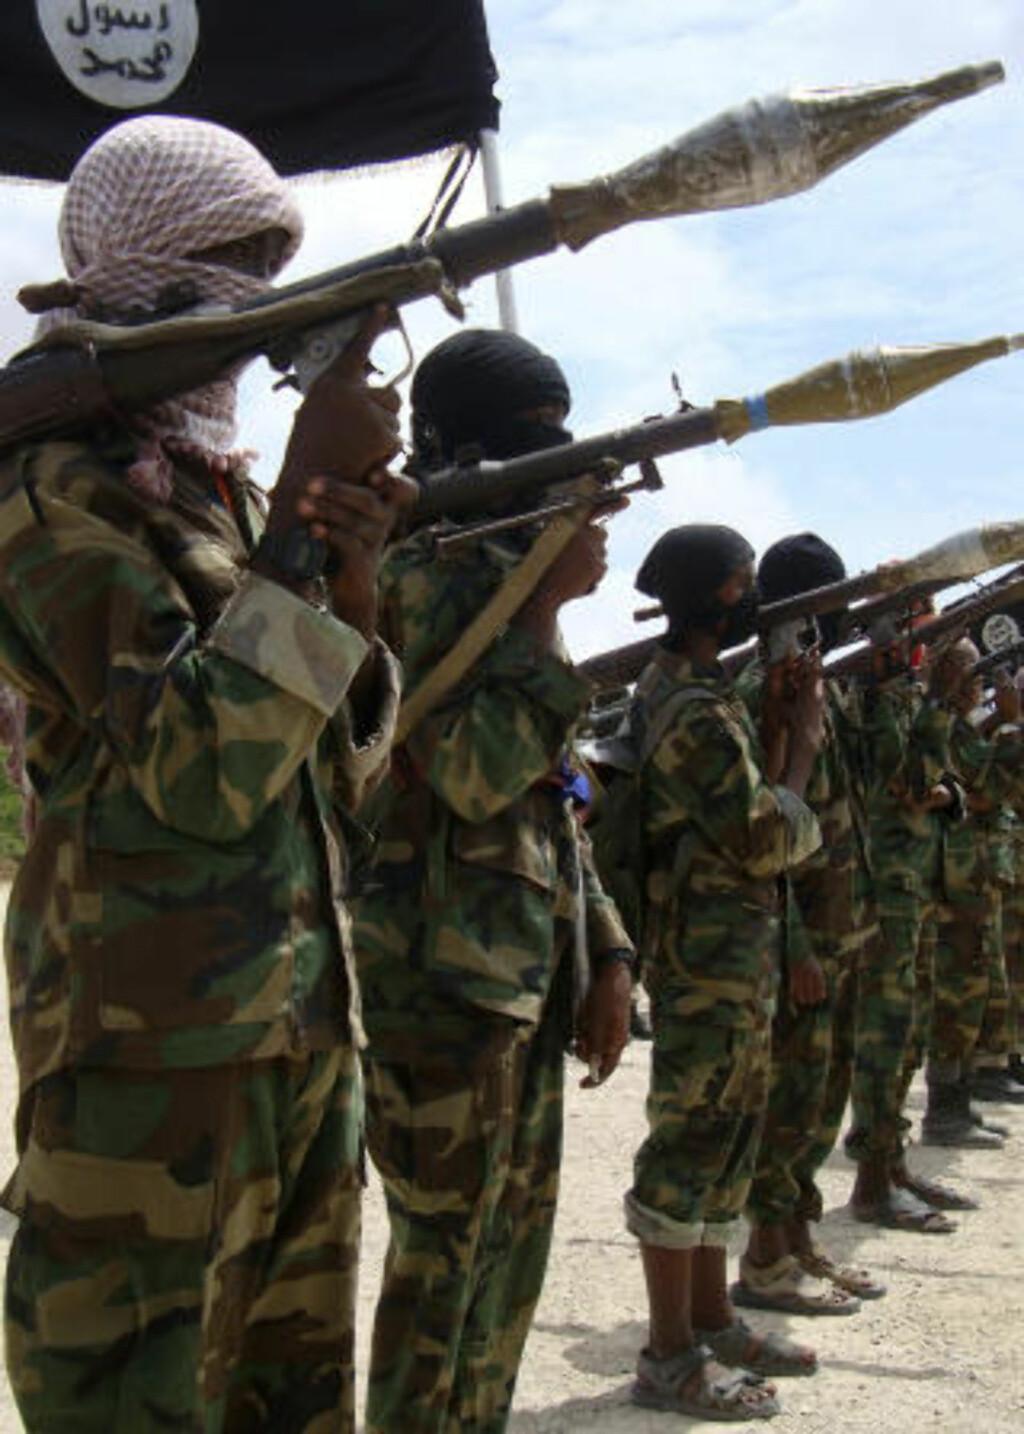 DREPER BARN OG GAMLE: Denne uka ble to tenåringsgutter henrettet foran hundrevis av mennesker i Mogadishu. I forrige måned ble to tenåringsjenter henrettet, mens en gammel dame ble skutt fordi hun nektet å be. Foto: Reuters/Feisal Omar/Scanpix